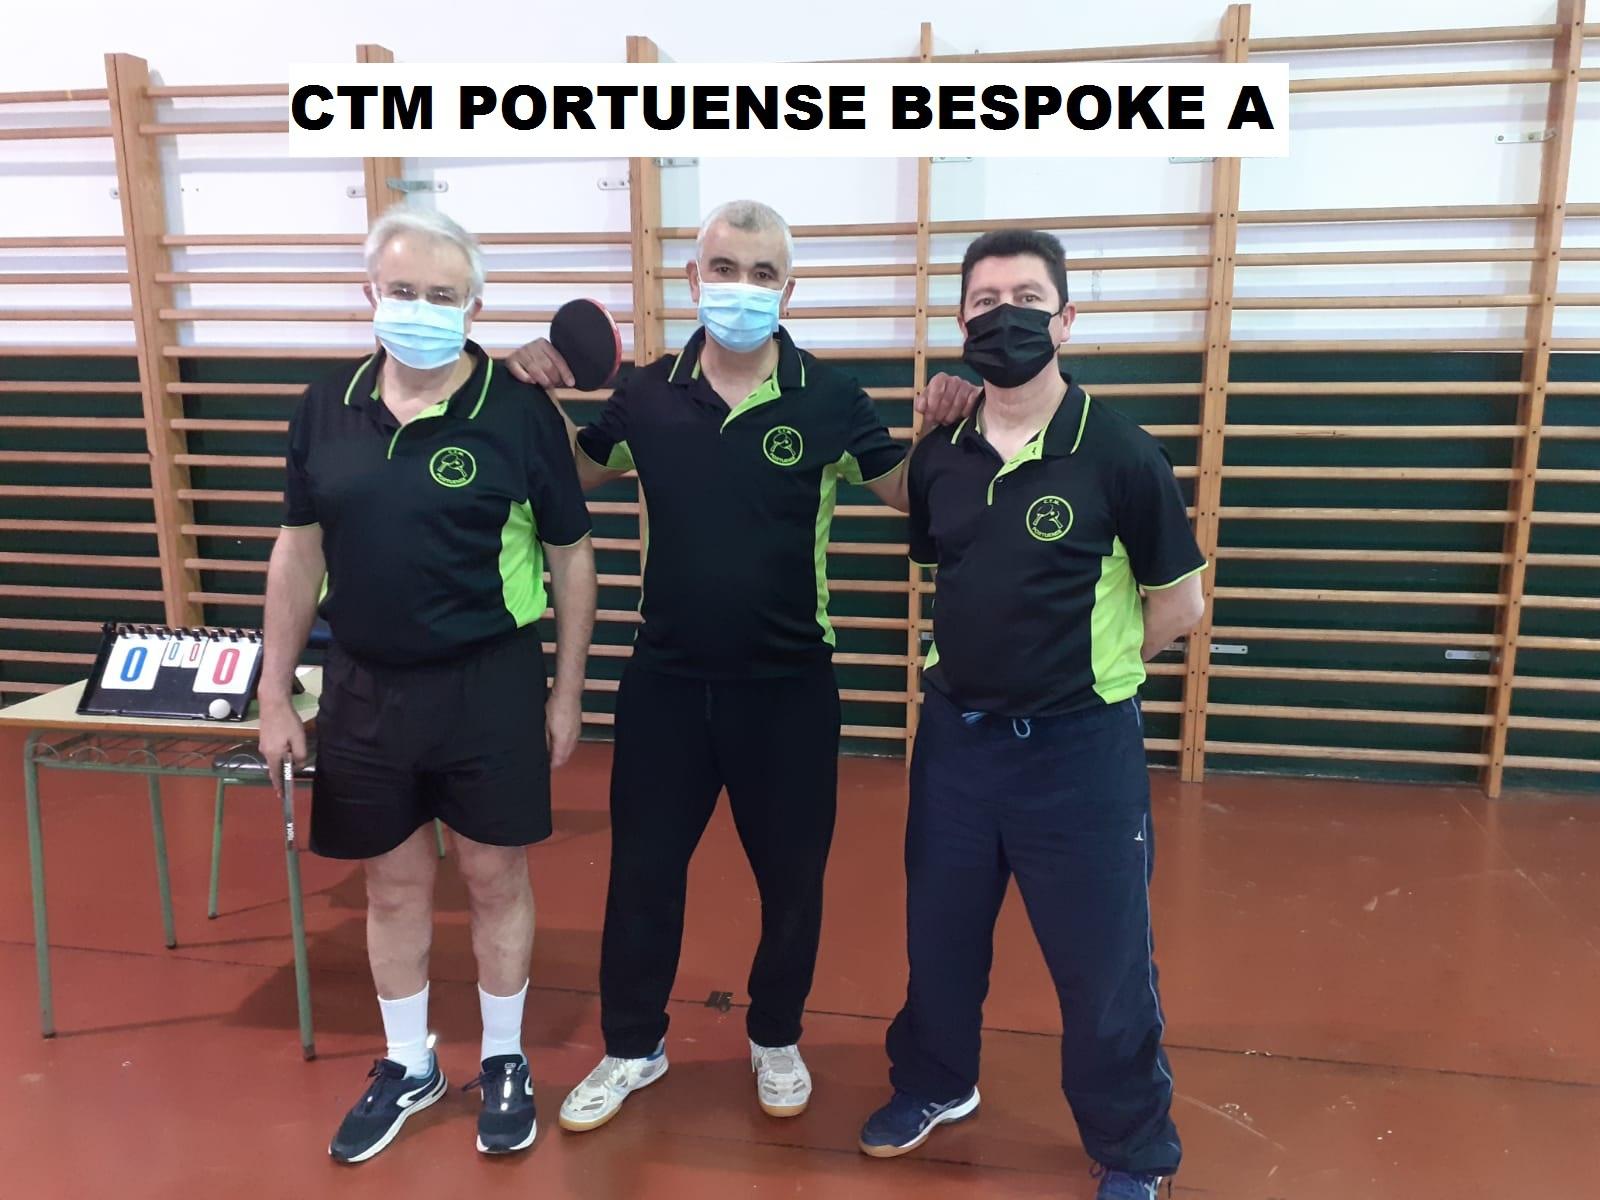 c1be4eb5-07bc-49b0-b2f9-764eb7f523ae-con-rotulo